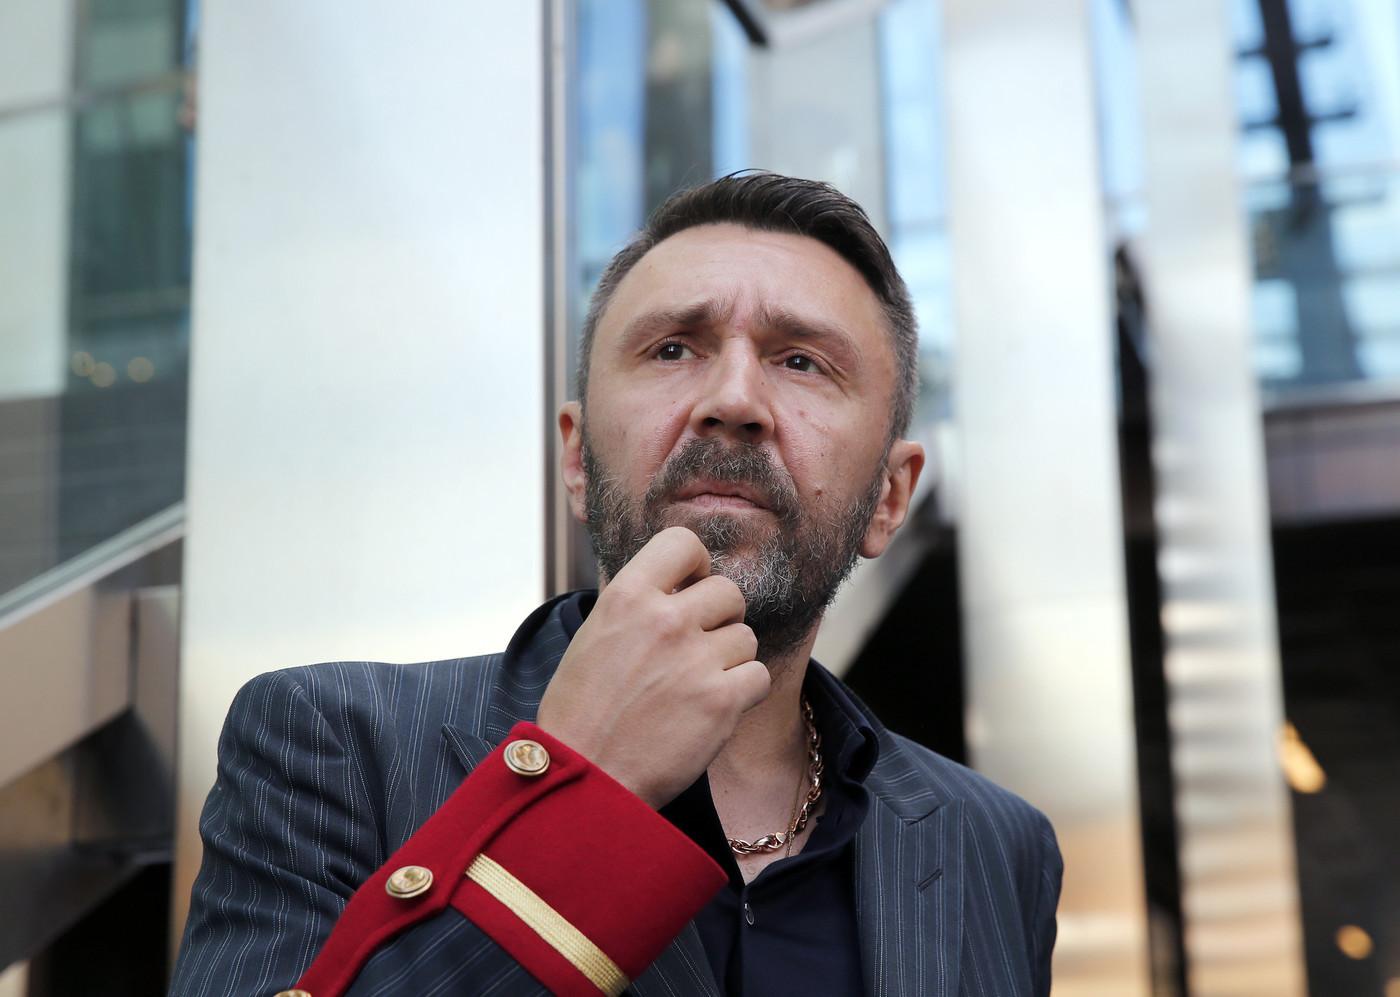 Сергей шнуров: краткая биография, фото и видео, личная жизнь